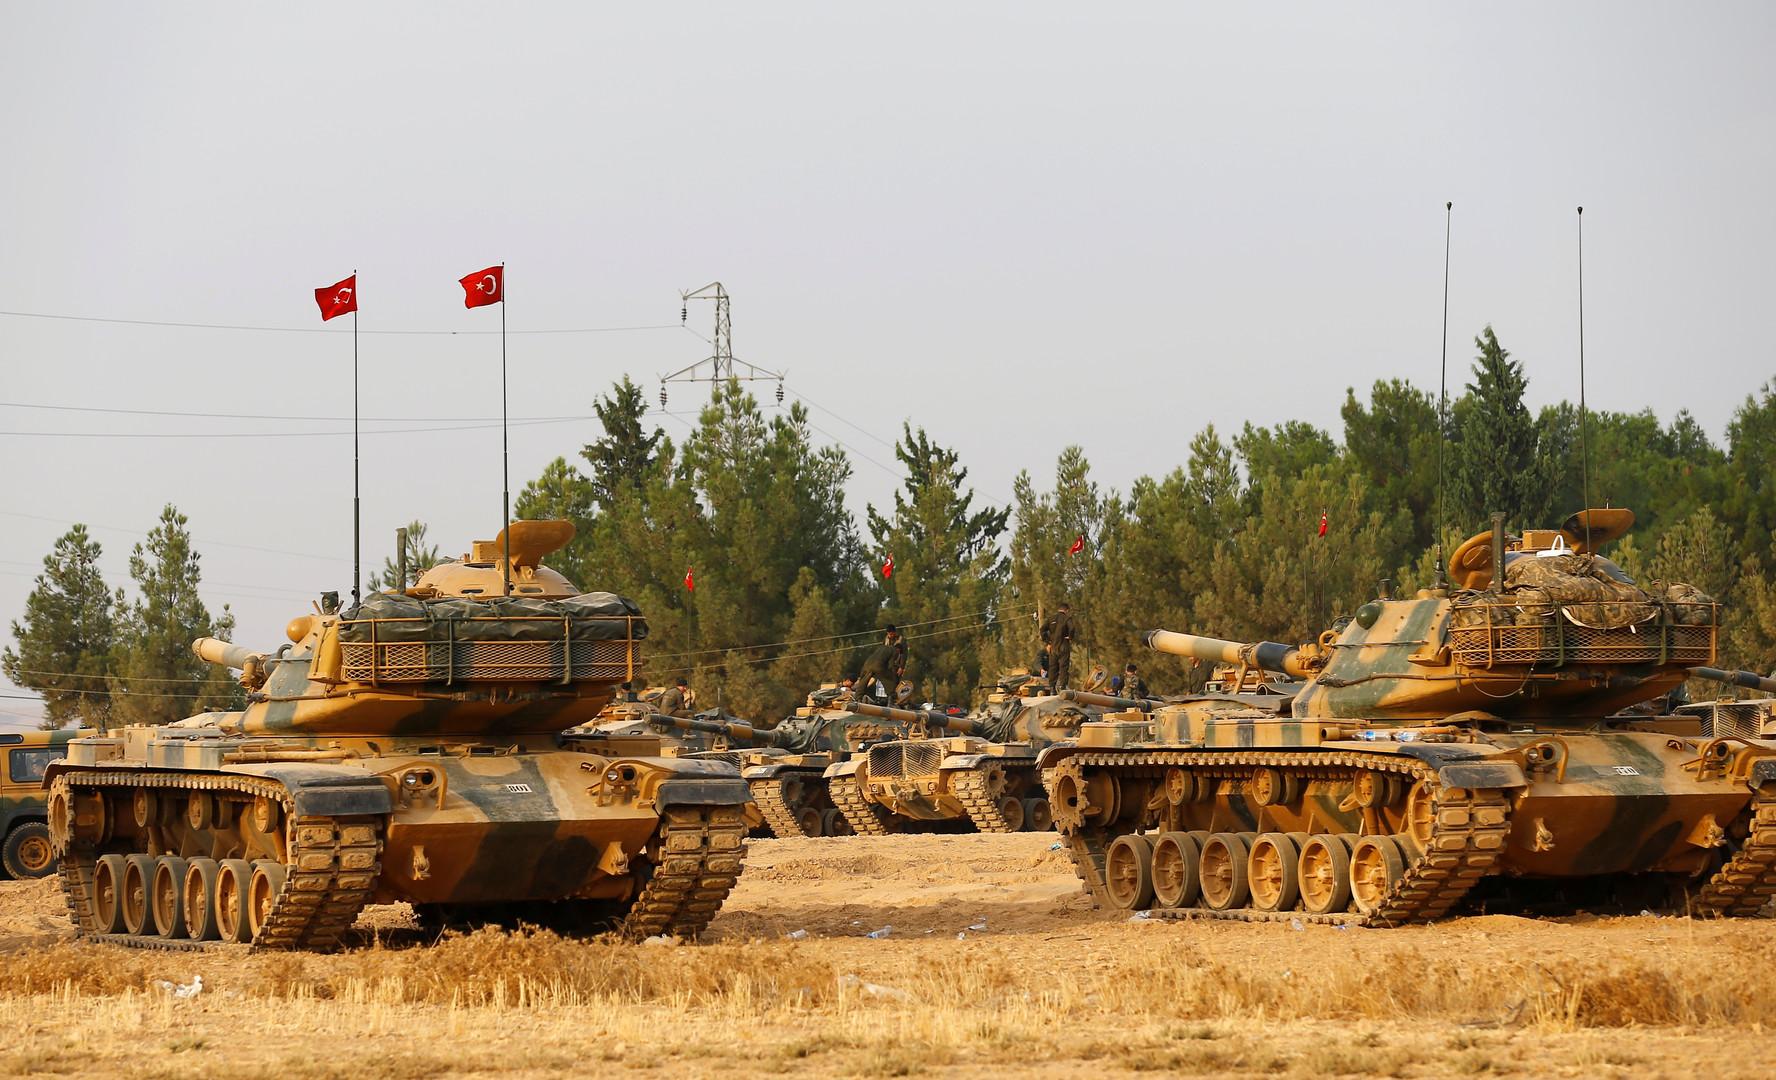 دبابات تركية عند الحدود بين تركيا وسوريا (أرشيف)